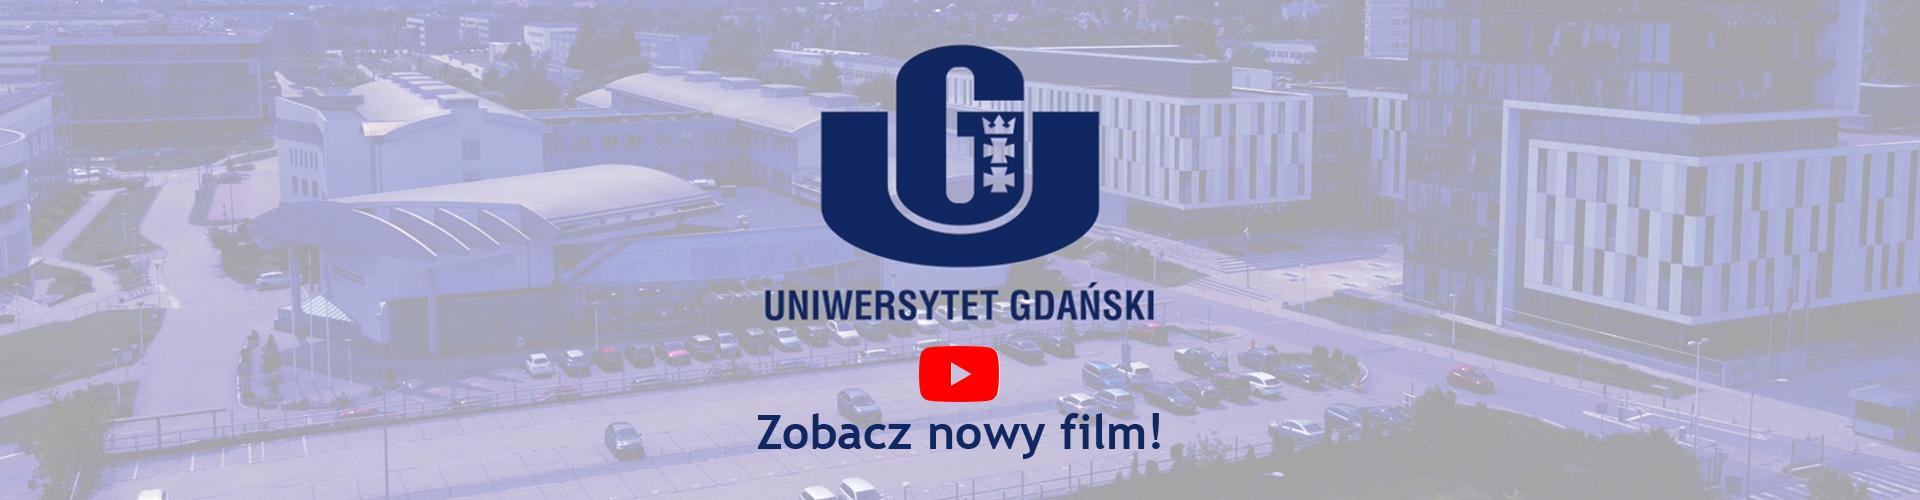 Nowy film promocyjny Uniwersytetu Gdańskiego